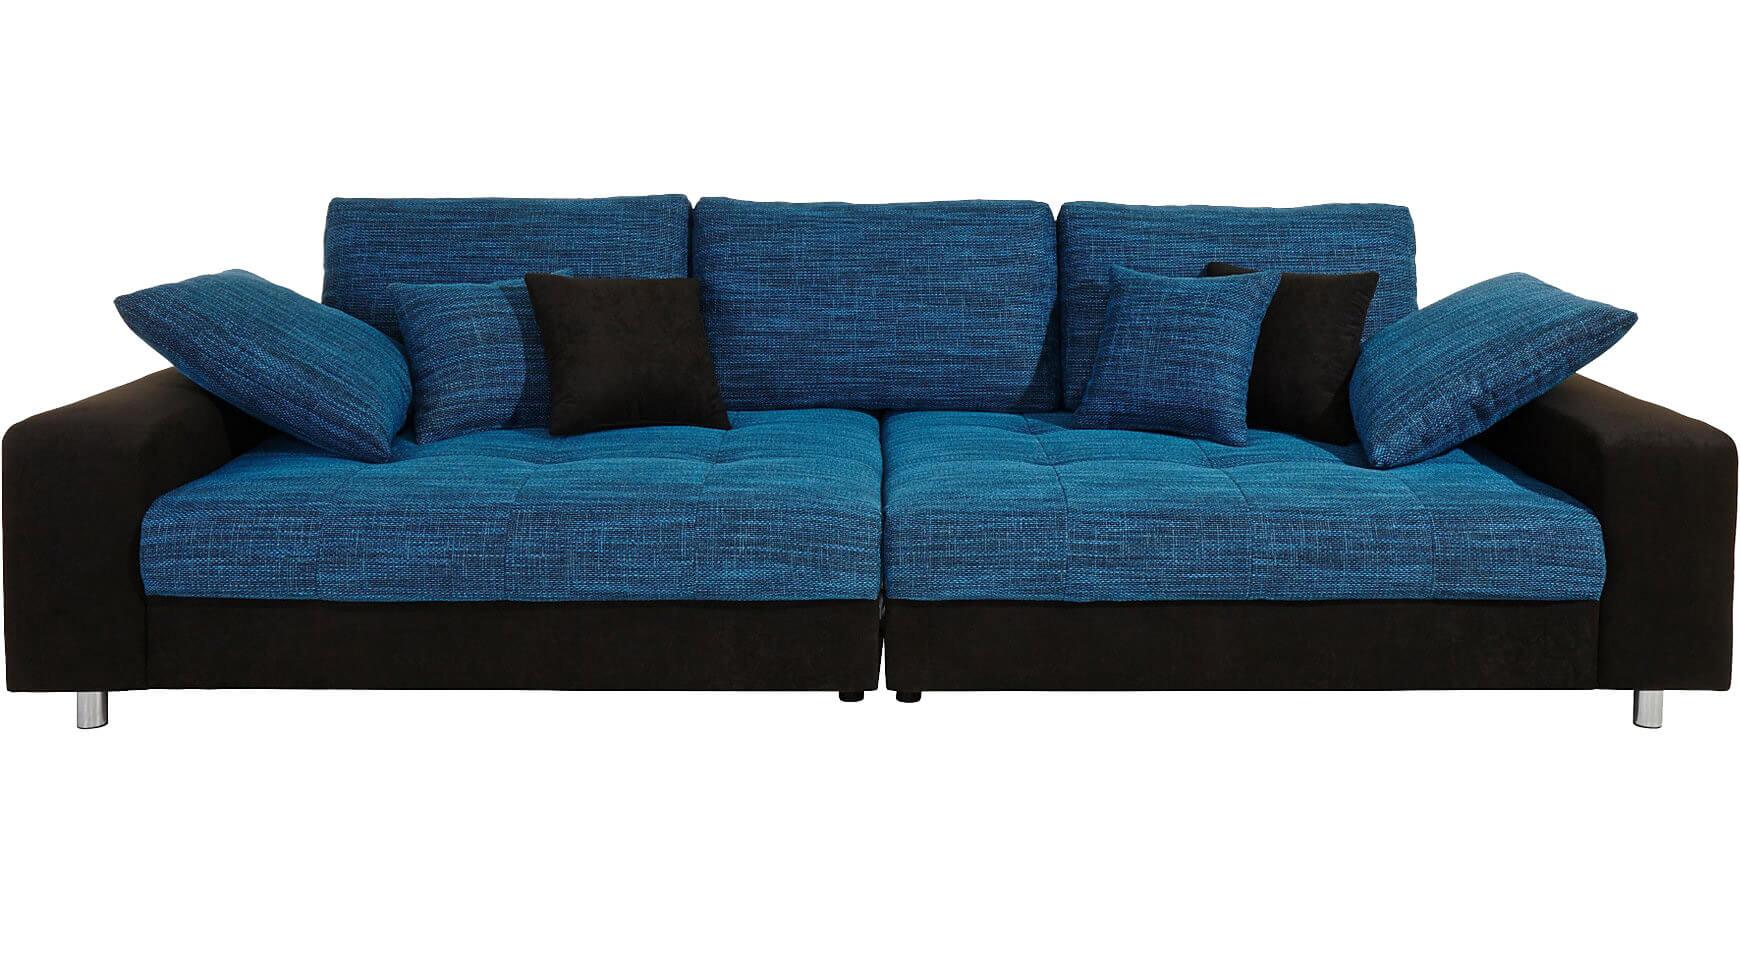 Full Size of Sofa Online Kaufen Xxl Couch Extragroe Sofas Bestellen Bei Cnouchde Landhausstil Zweisitzer Breaking Bad Betten Günstig Outdoor Küche 3 Sitzer Big Sofa Sofa Online Kaufen